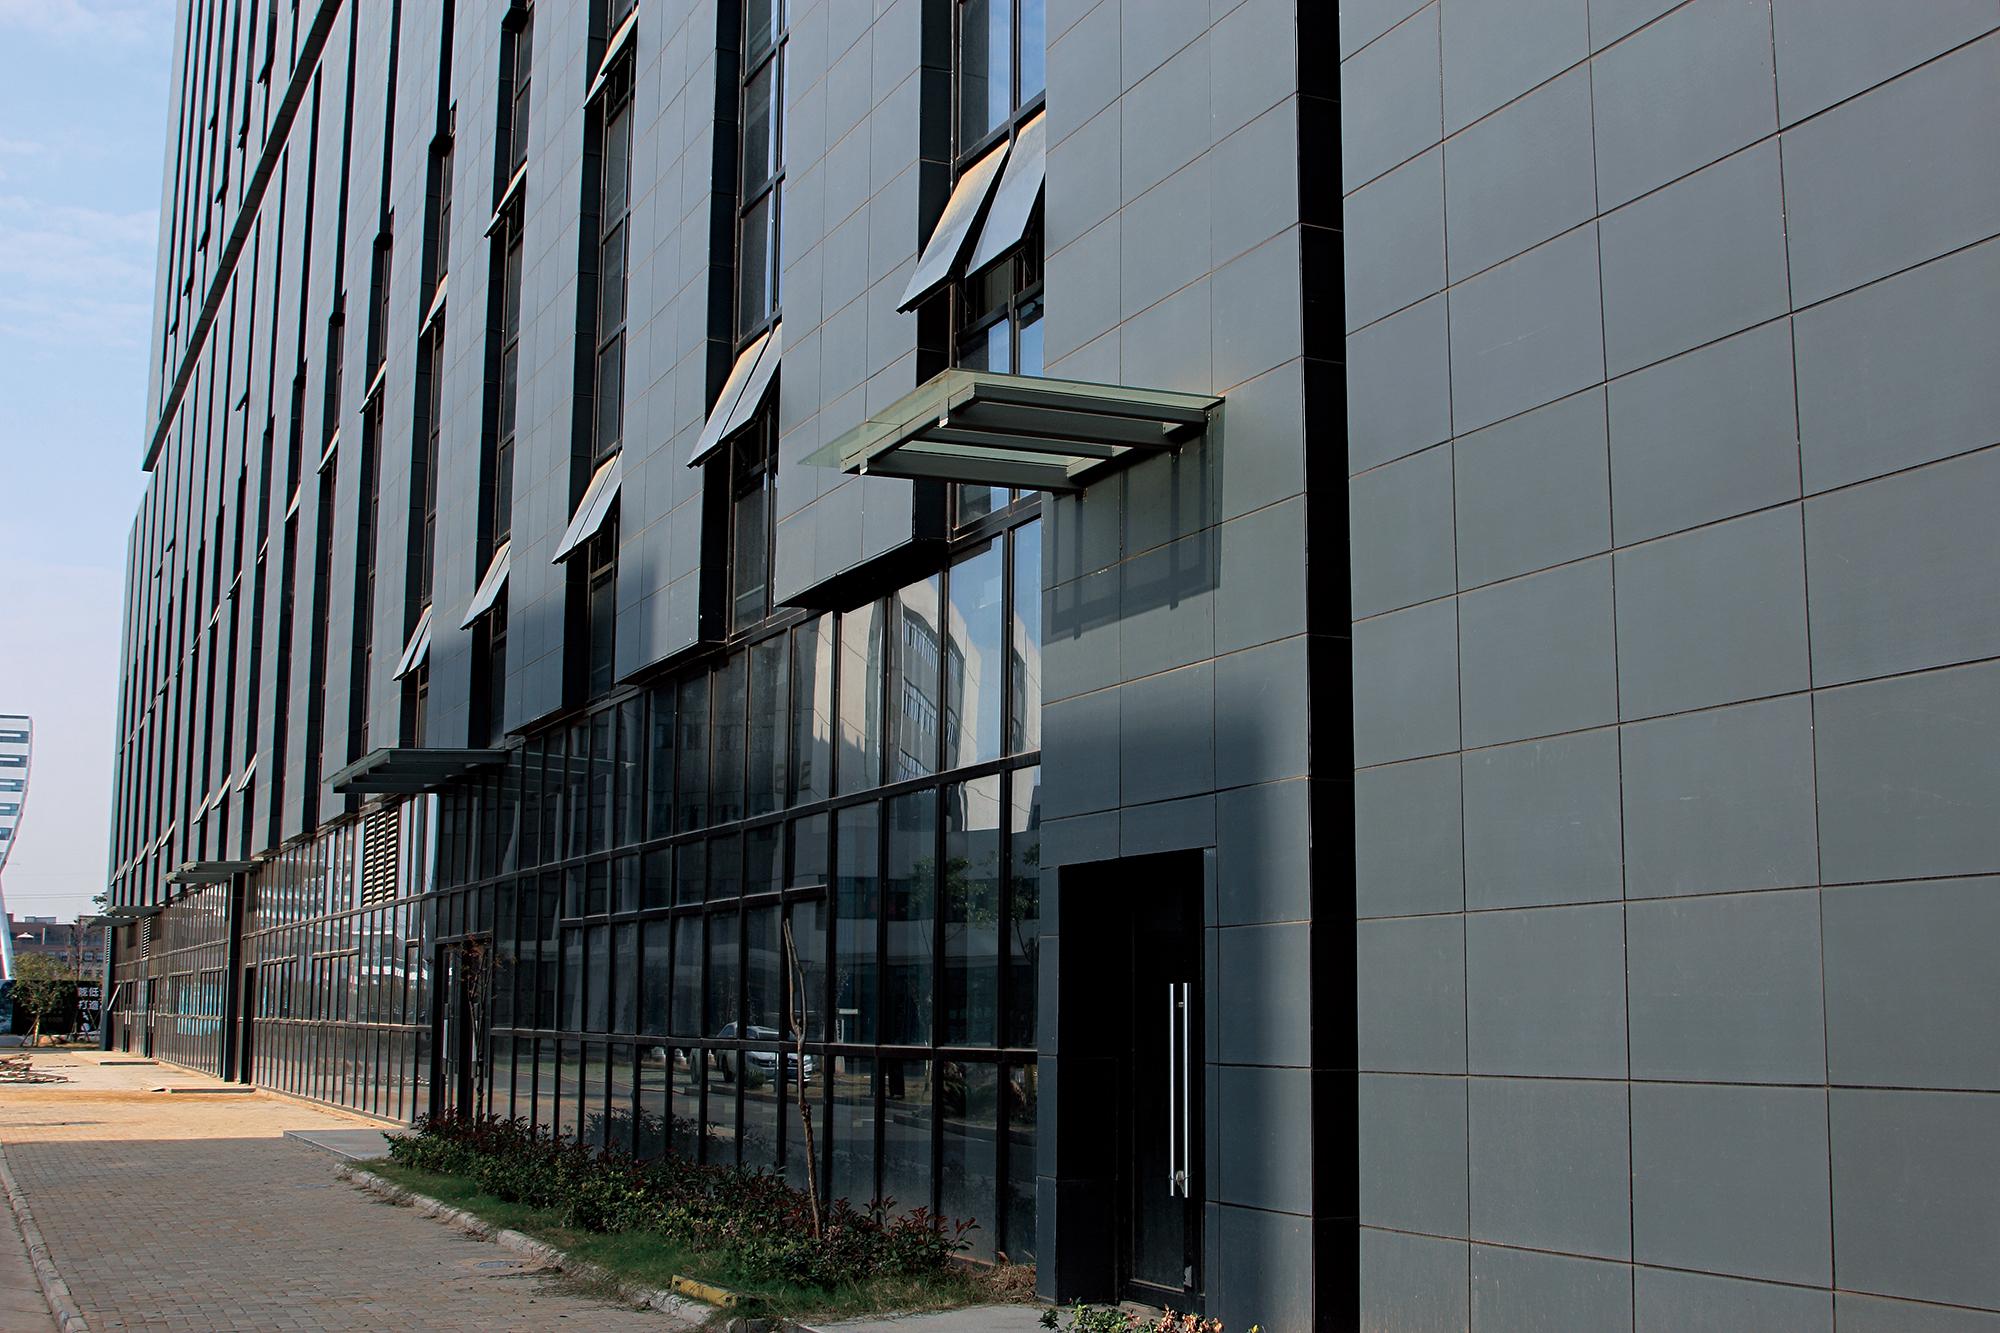 La fusione perfetta di terracotta LOPO e Optical Valley Building